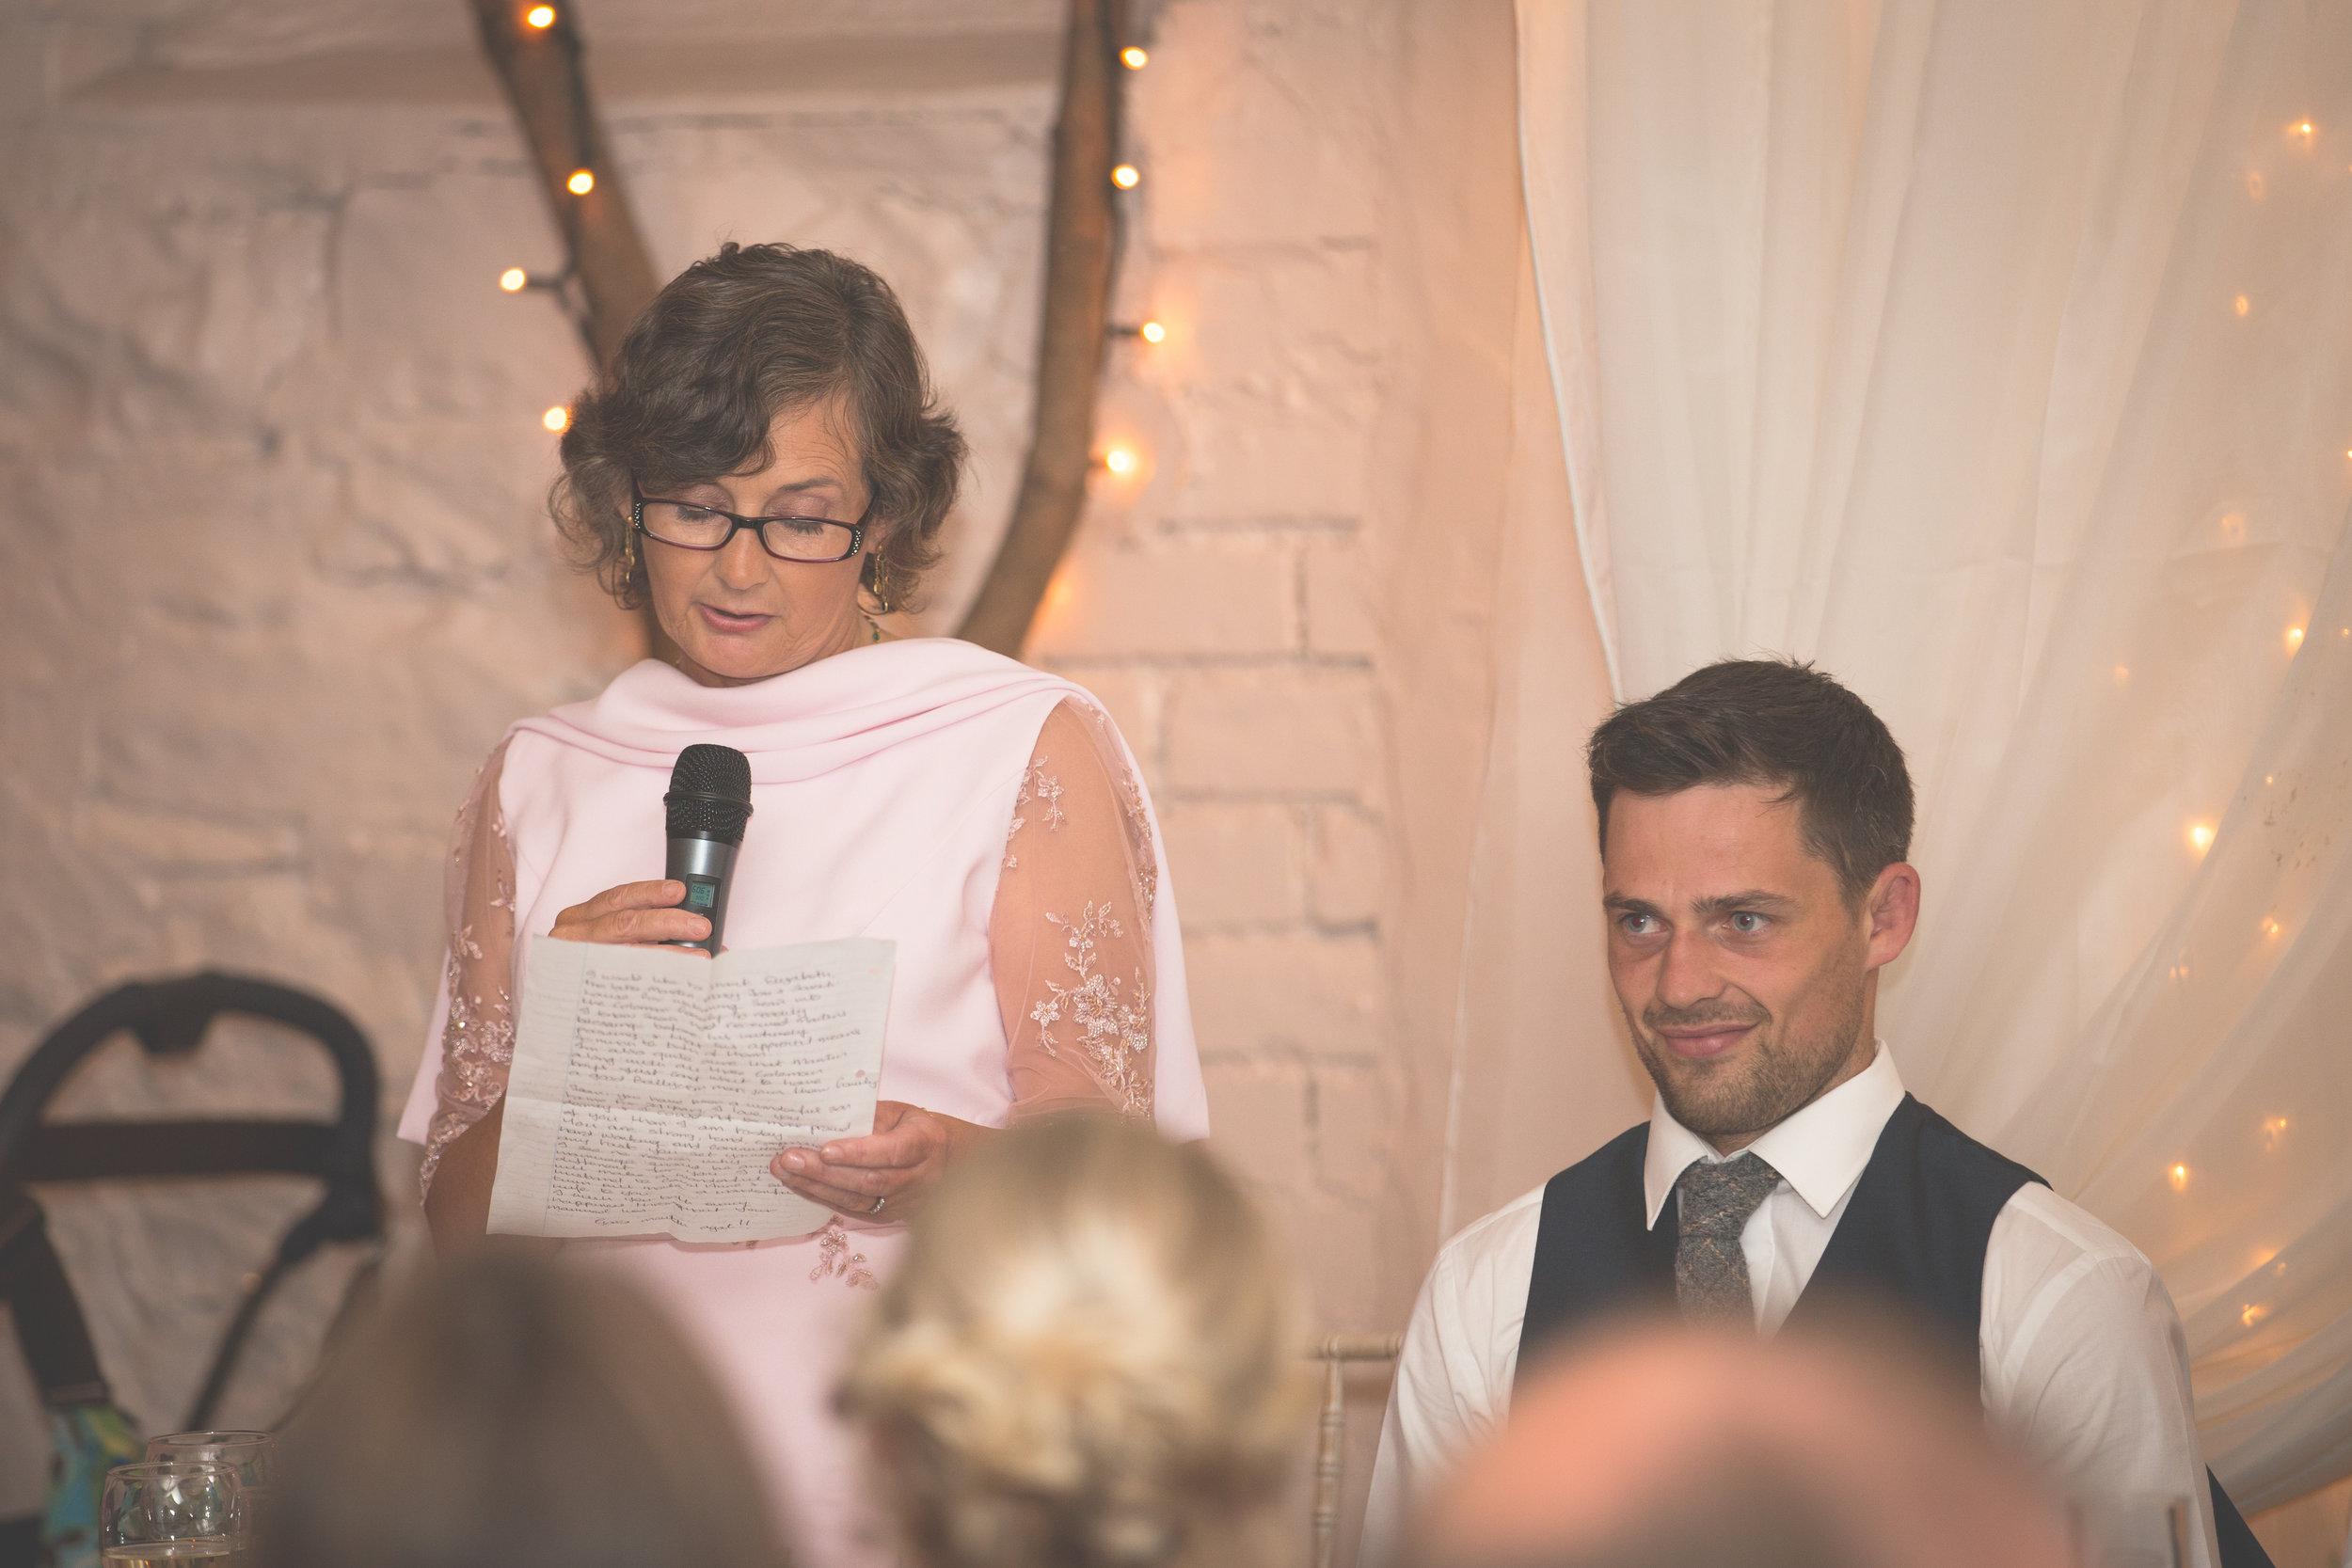 Brian McEwan Wedding Photography | Carol-Anne & Sean | The Speeches-66.jpg